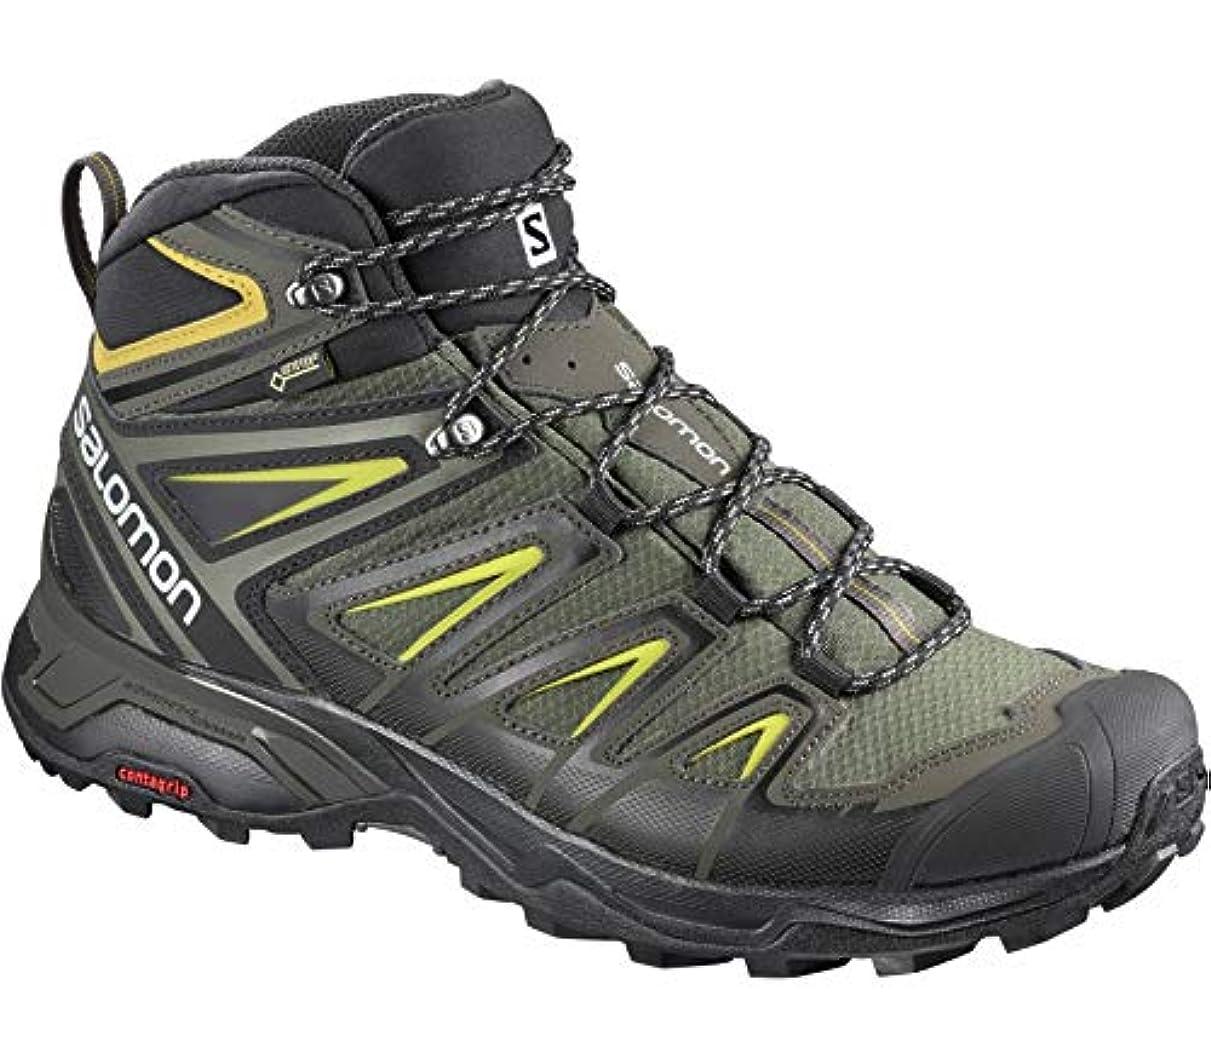 引用寛容なムスタチオSalomon(サロモン) メンズ 男性用 シューズ 靴 ブーツ ハイキングブーツ X Ultra 3 Mid GTX(R) - Castor Gray/Black/Green Sulphur [並行輸入品]